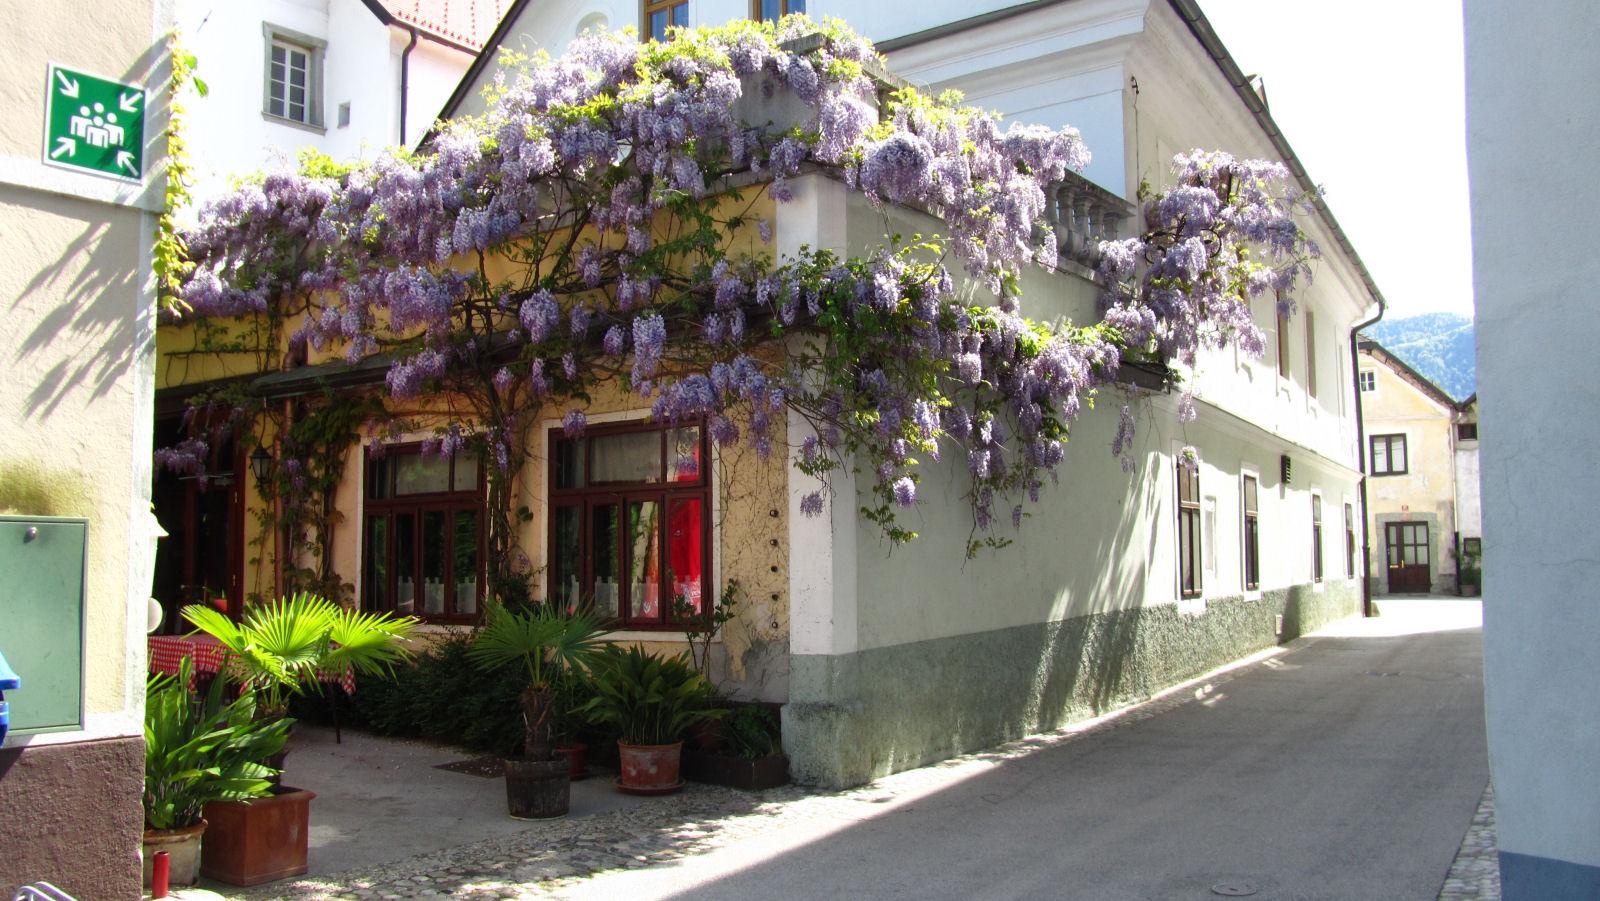 radovljica-medieval-old-town-8431